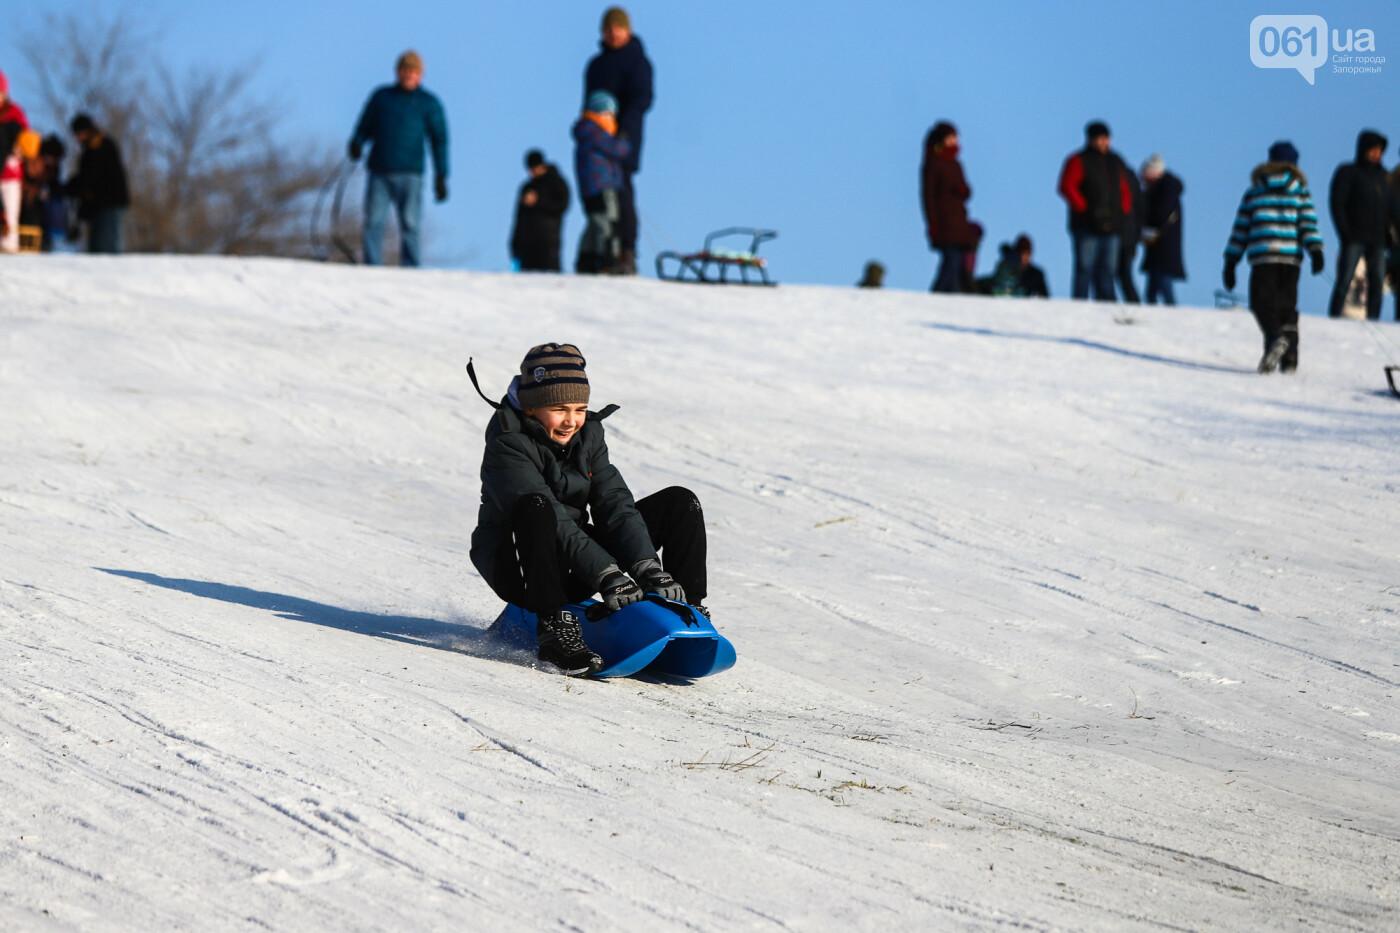 На санках, лыжах и сноуборде: запорожцы устроили массовое катание с горок в Вознесеновском парке, - ФОТОРЕПОРТАЖ, фото-84